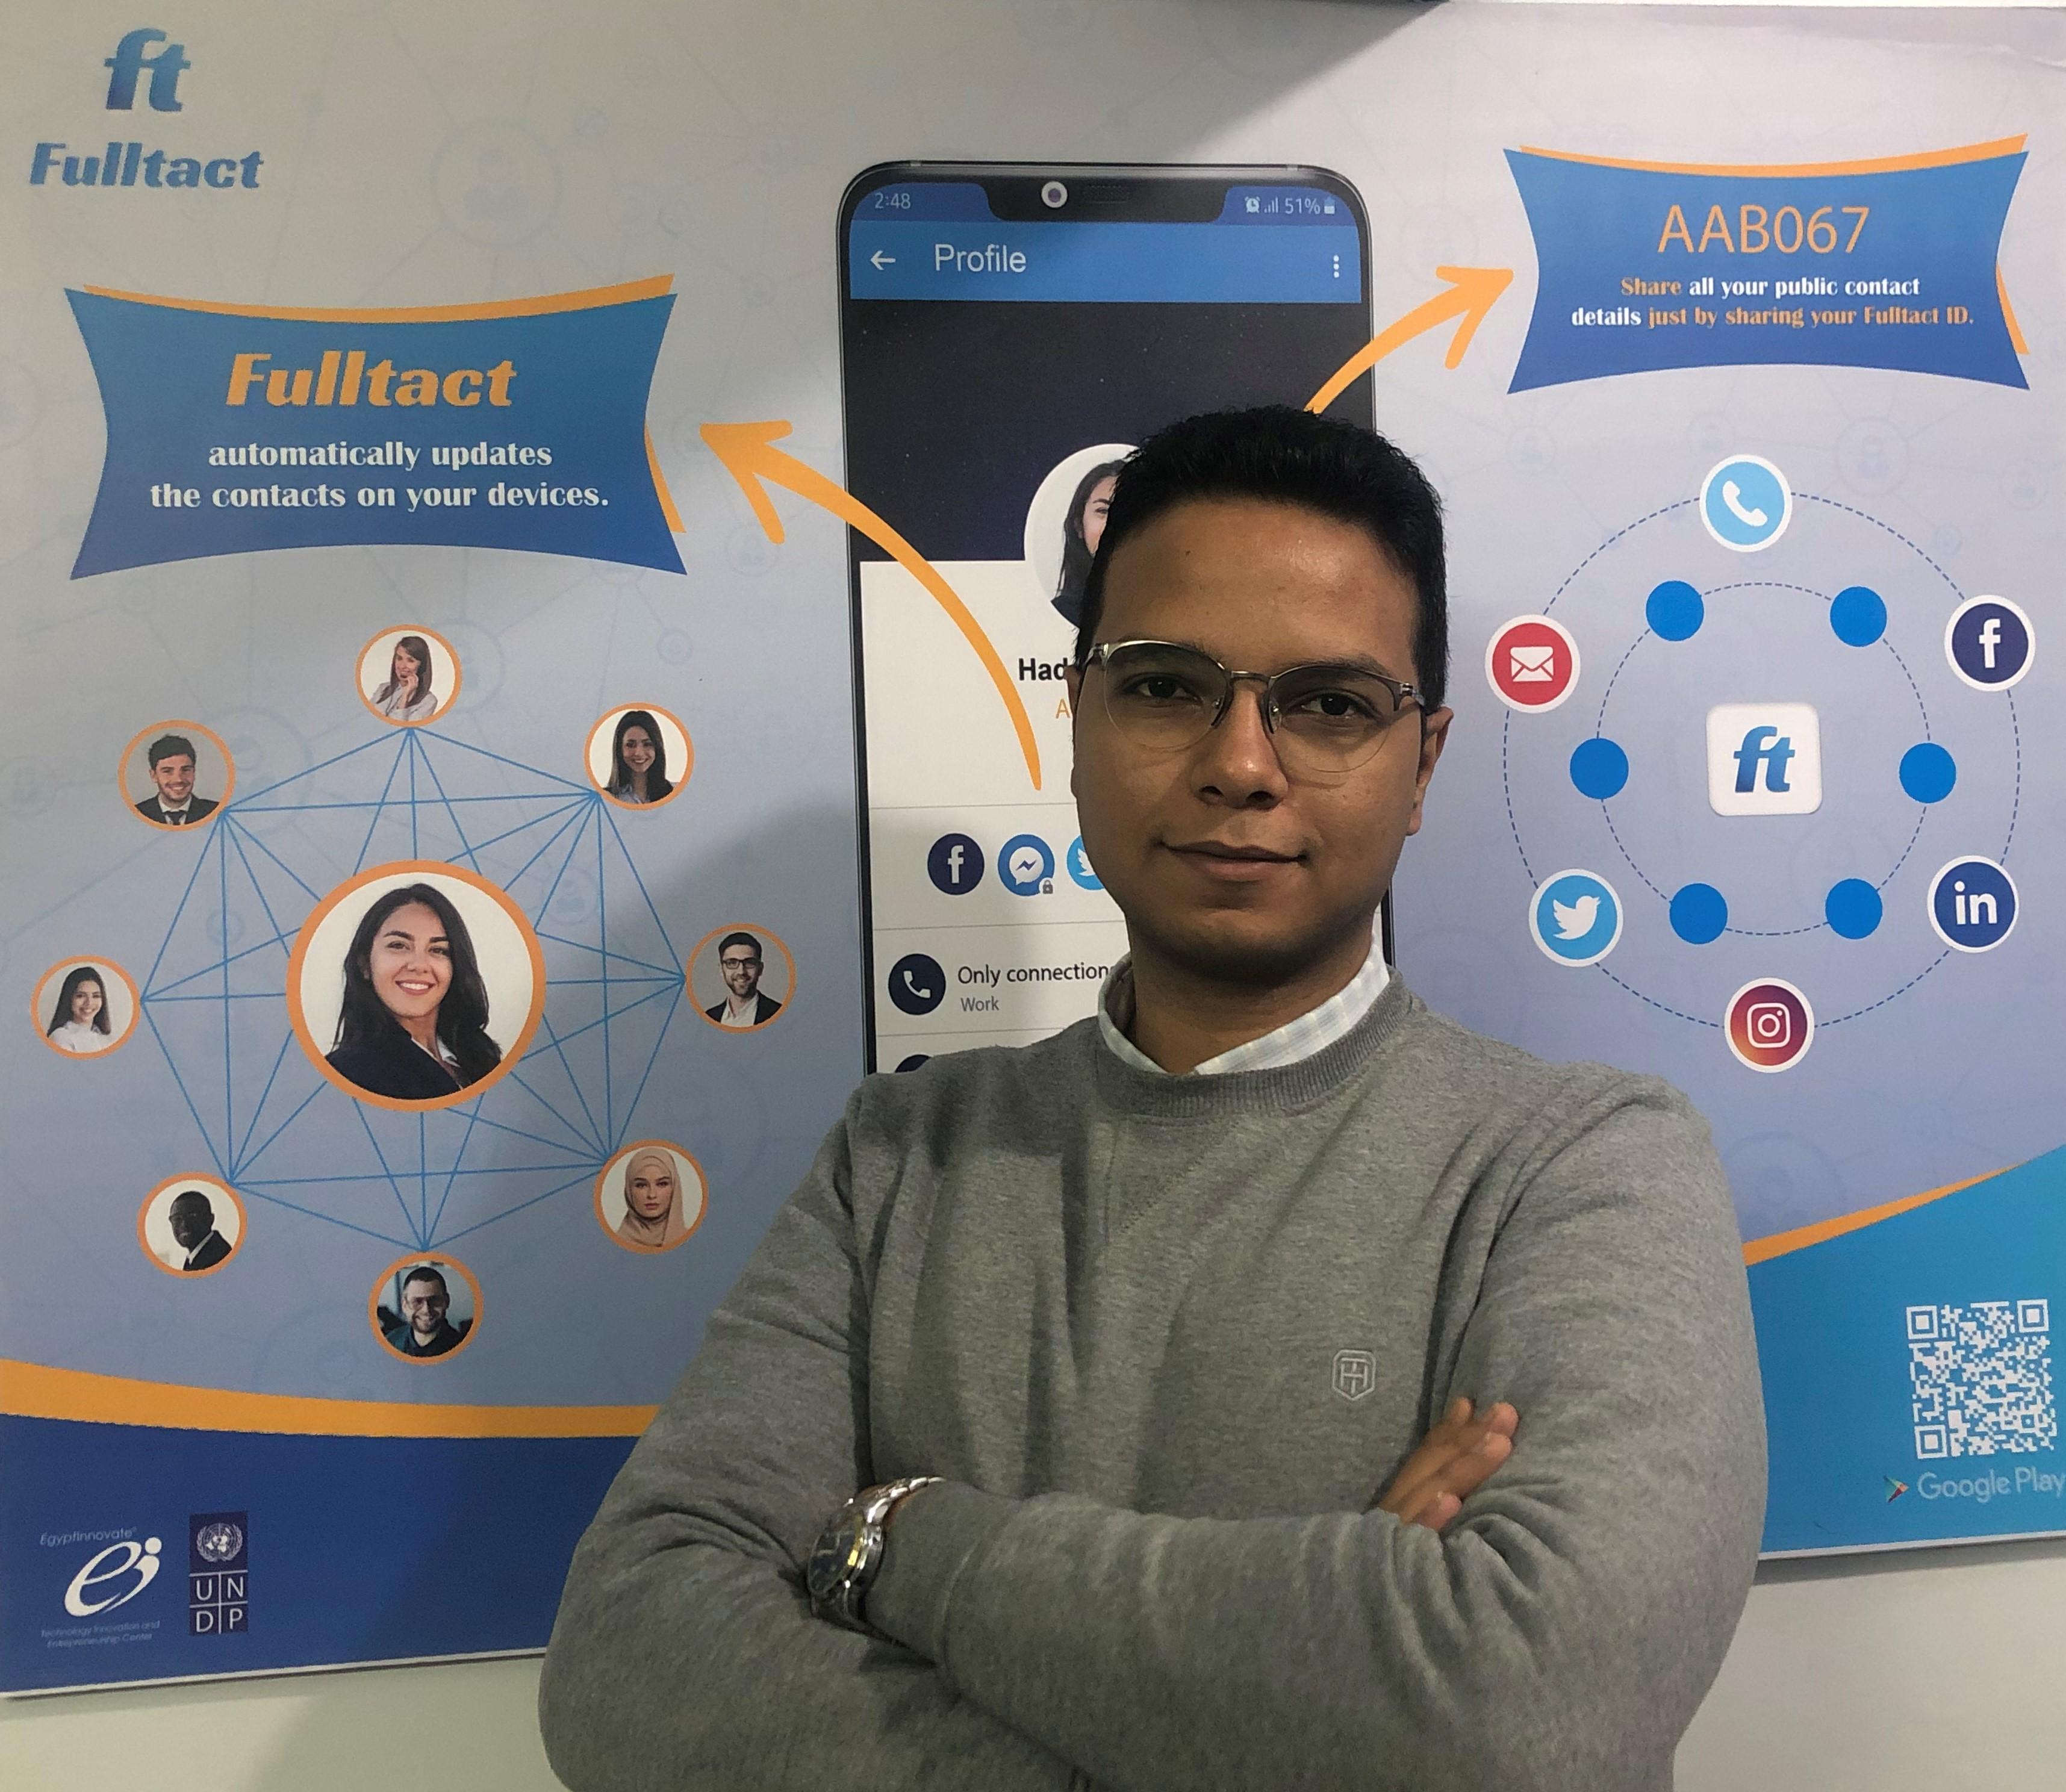 الشركة الناشئة المصرية Fulltact  تطلق تطبيق اتصال اجتماعي وتشارك في معرض